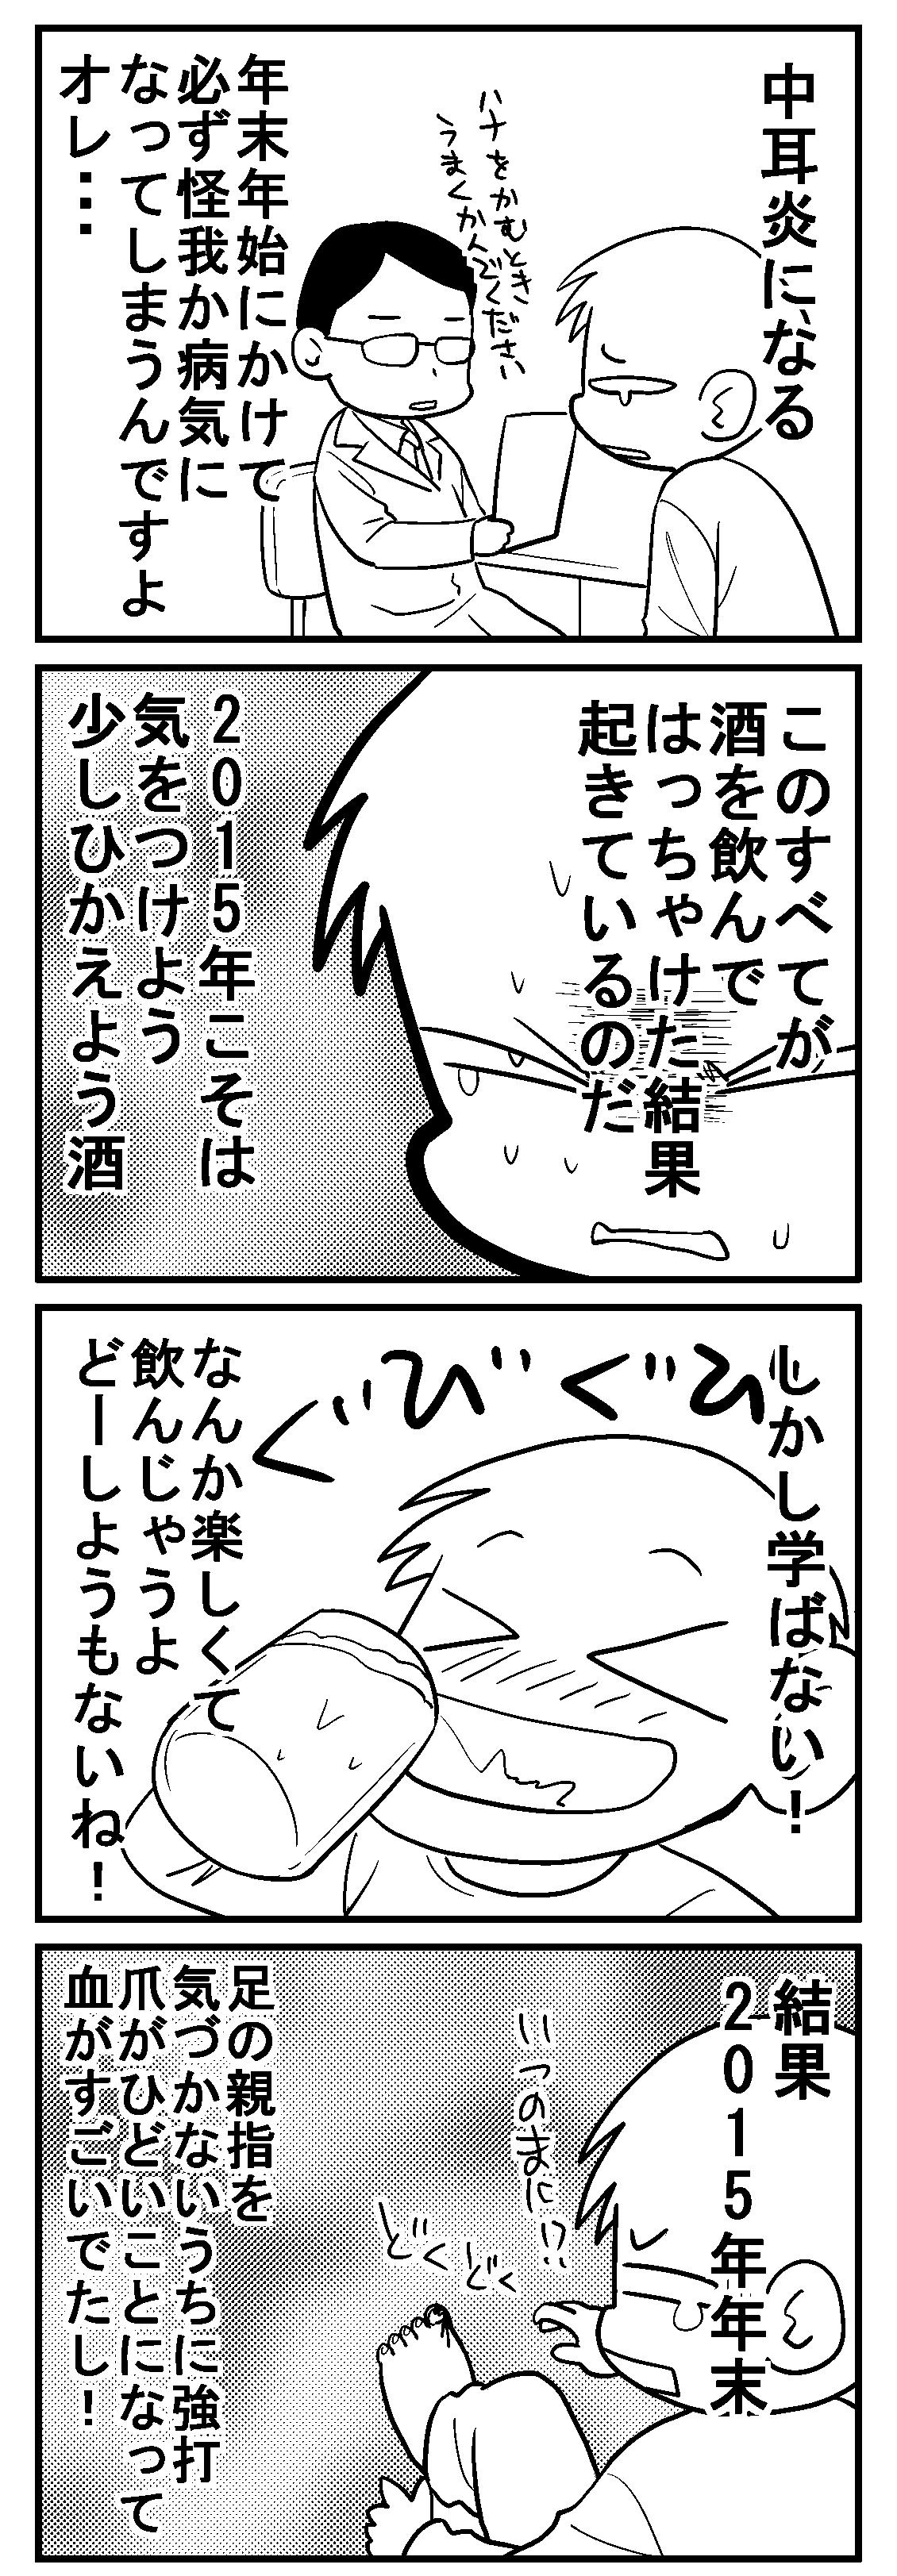 深読みくん34-2